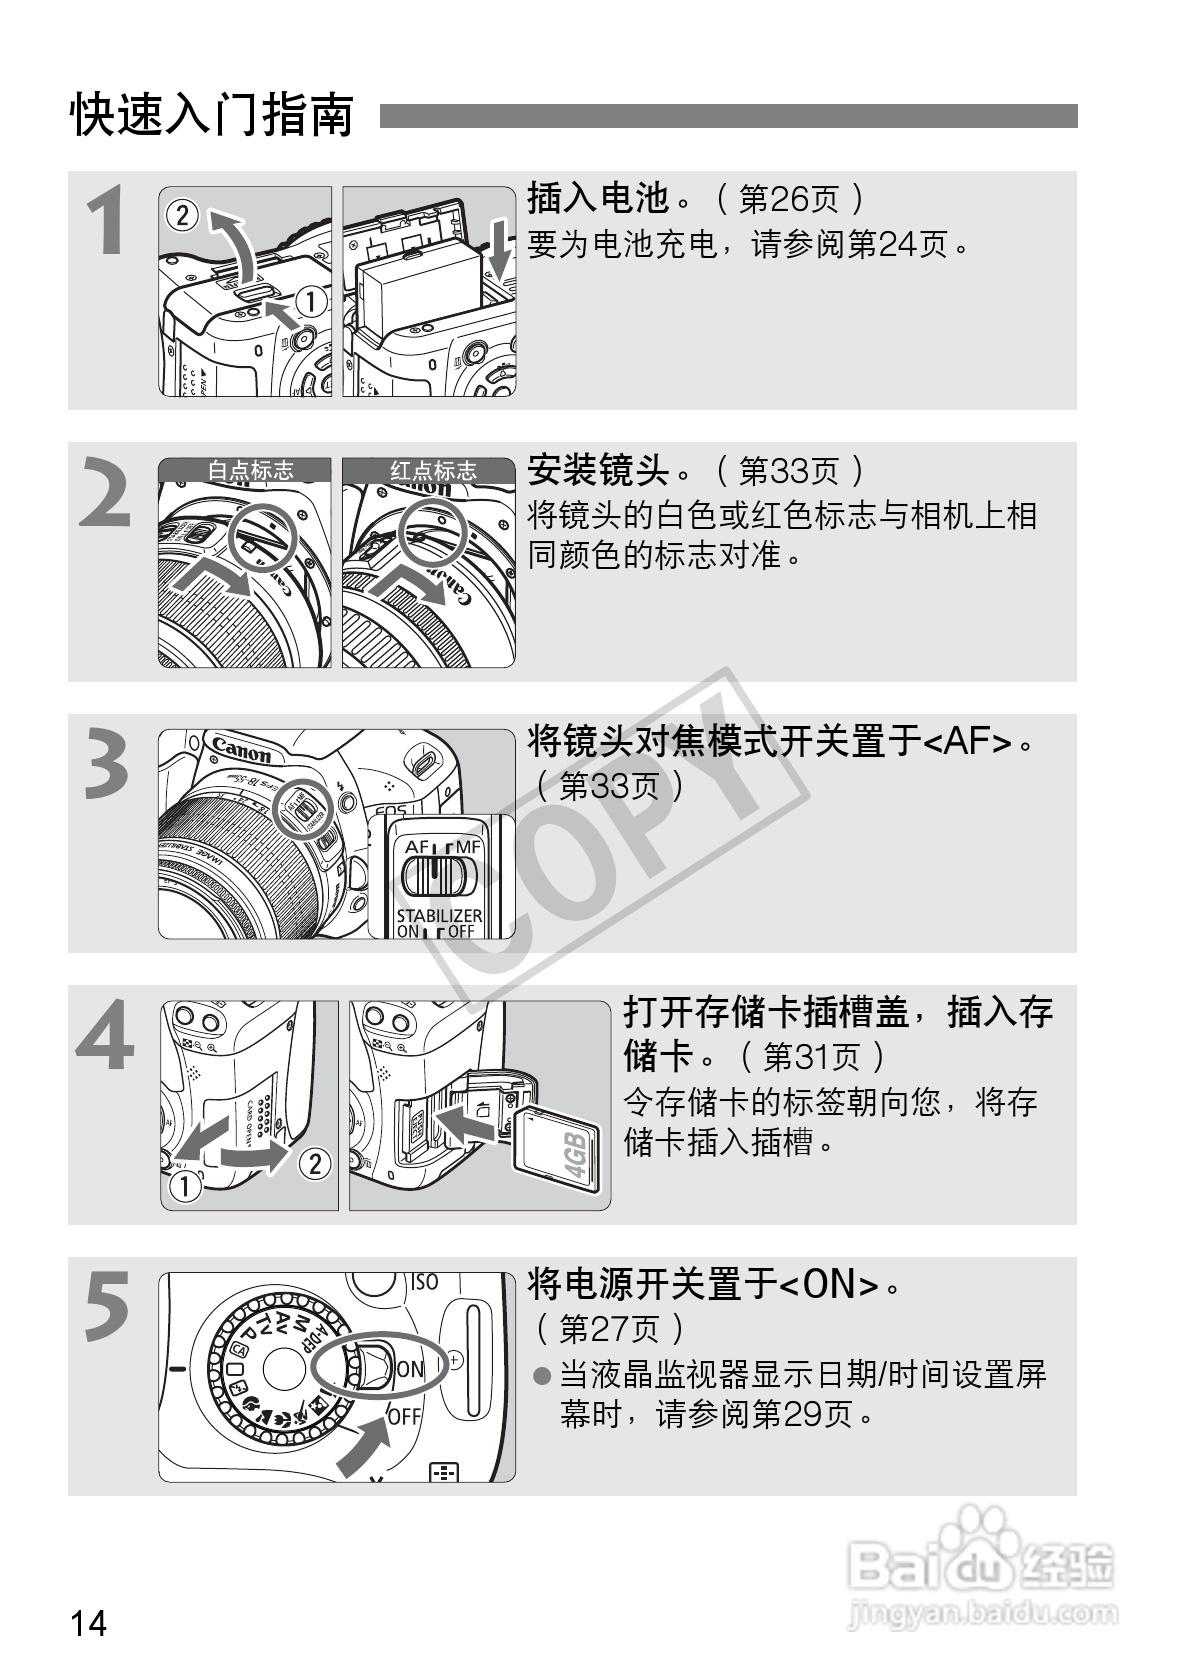 佳能a480说明书_佳能相机使用说明书_佳能相机使用说明书分享展示